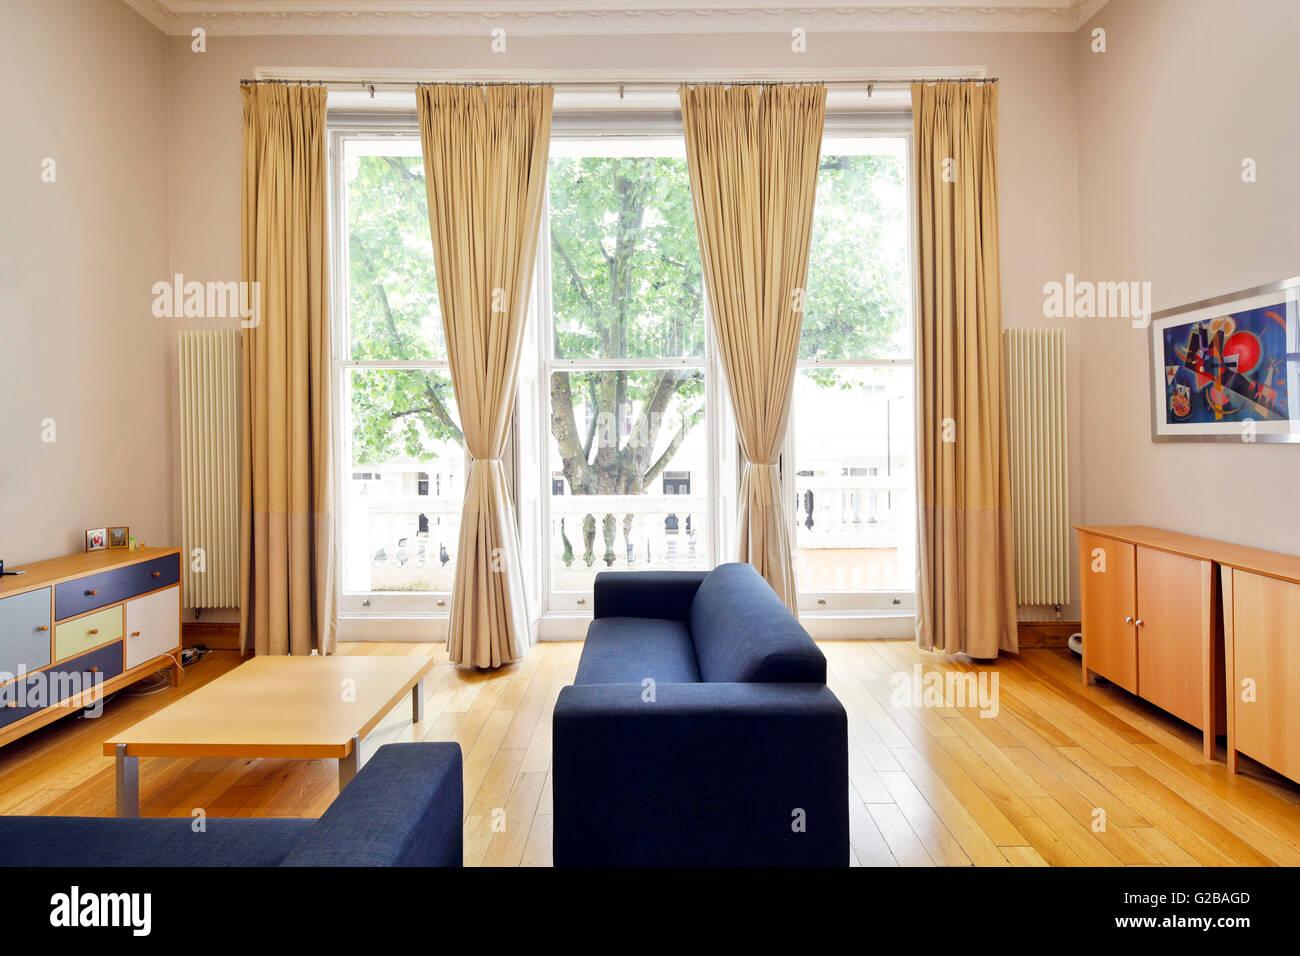 Inverness terrace. soggiorno moderno con arredamento contemporaneo